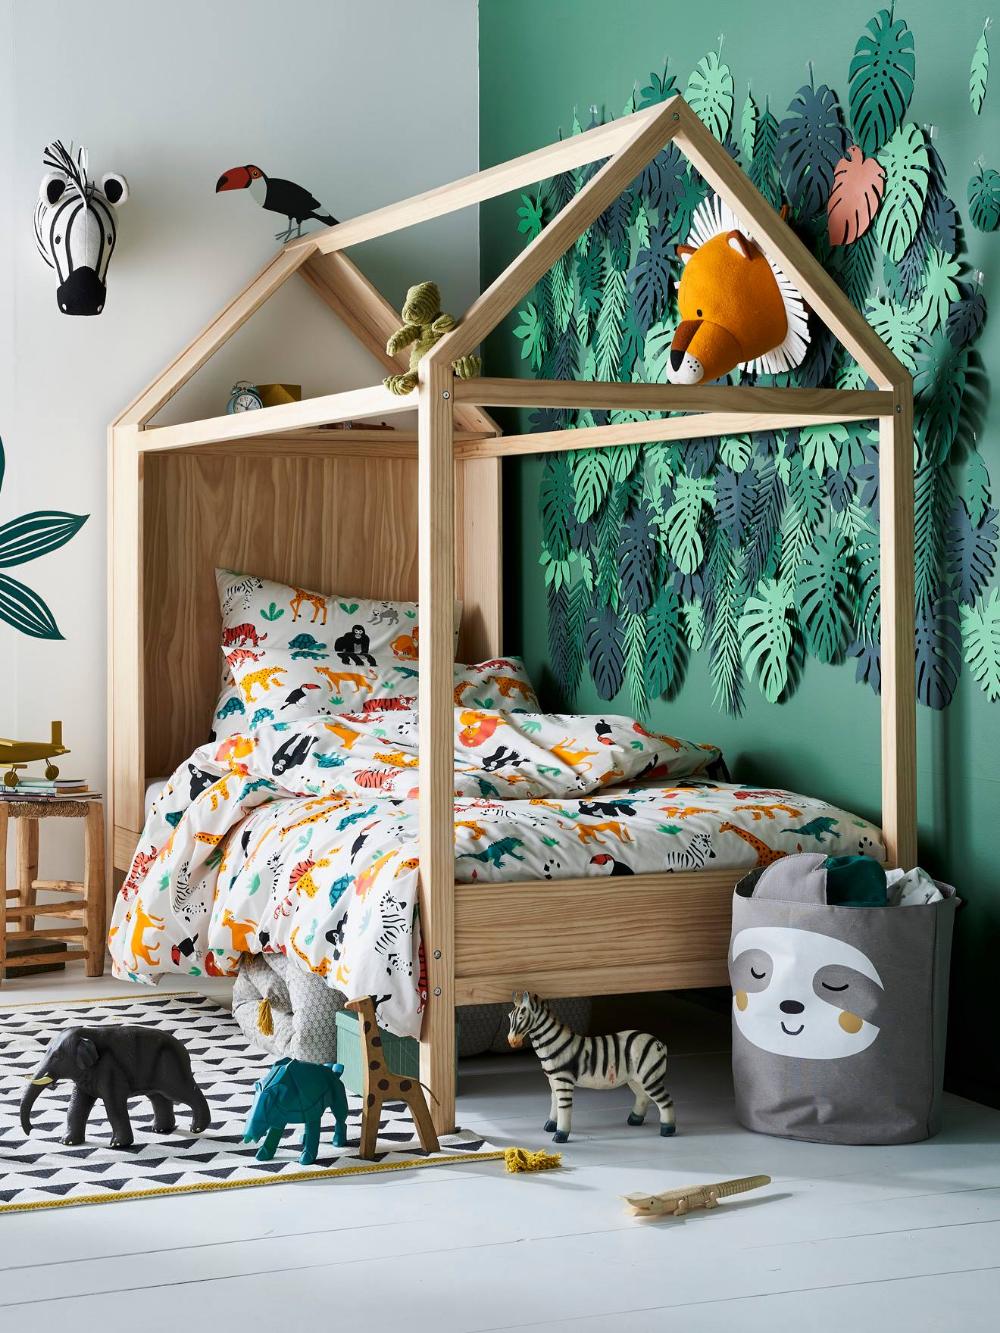 Idée déco chambre enfant : une chambre jungle - Blog maman & déco